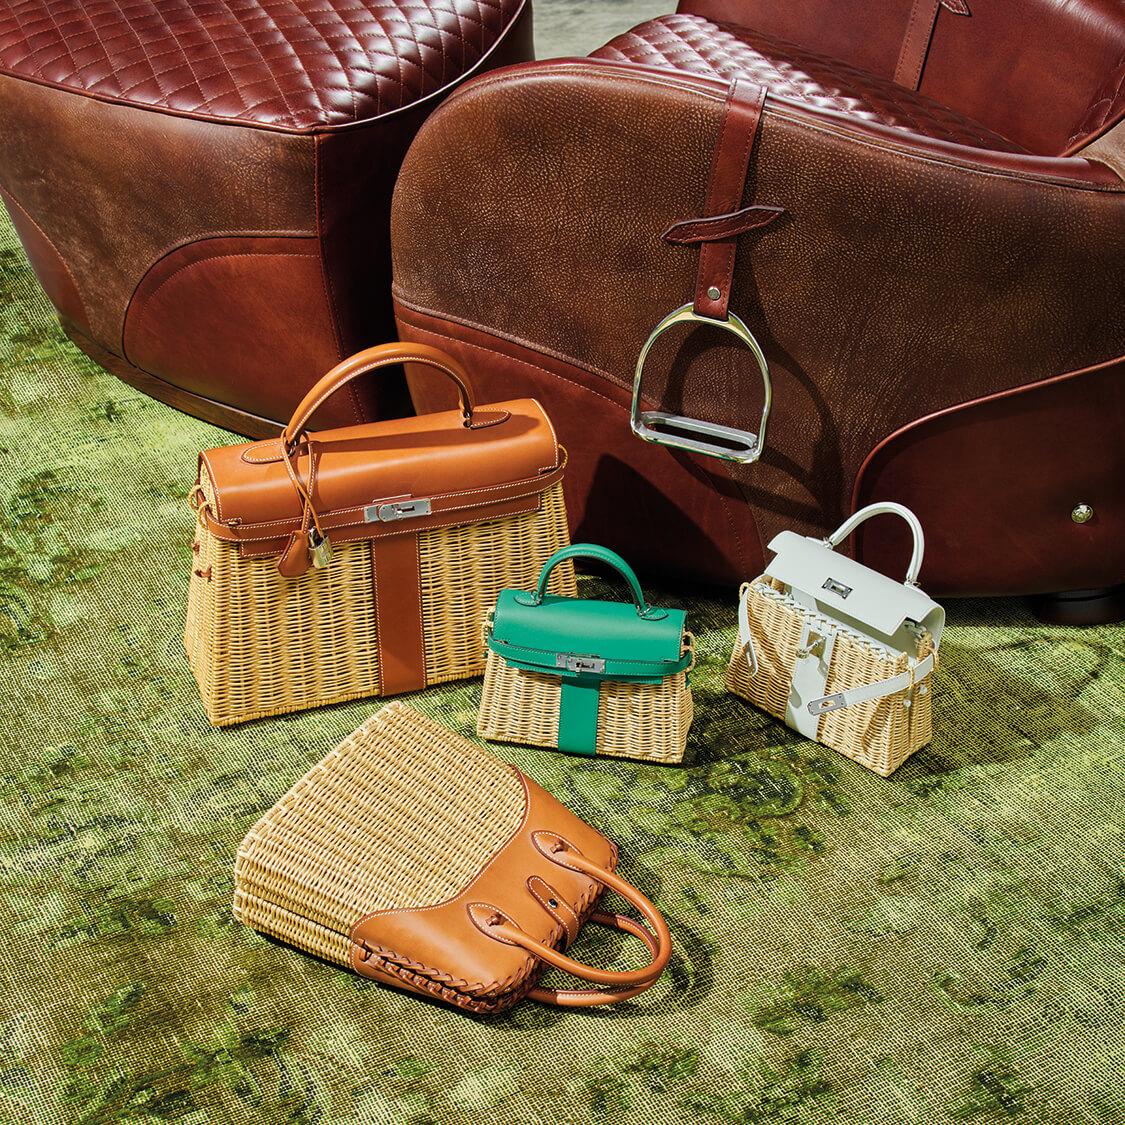 佳士得手袋及配飾部徵集了超過190件拍品,包括愛馬仕最珍罕難求的喜馬拉雅手袋及限量版系列等限量包款